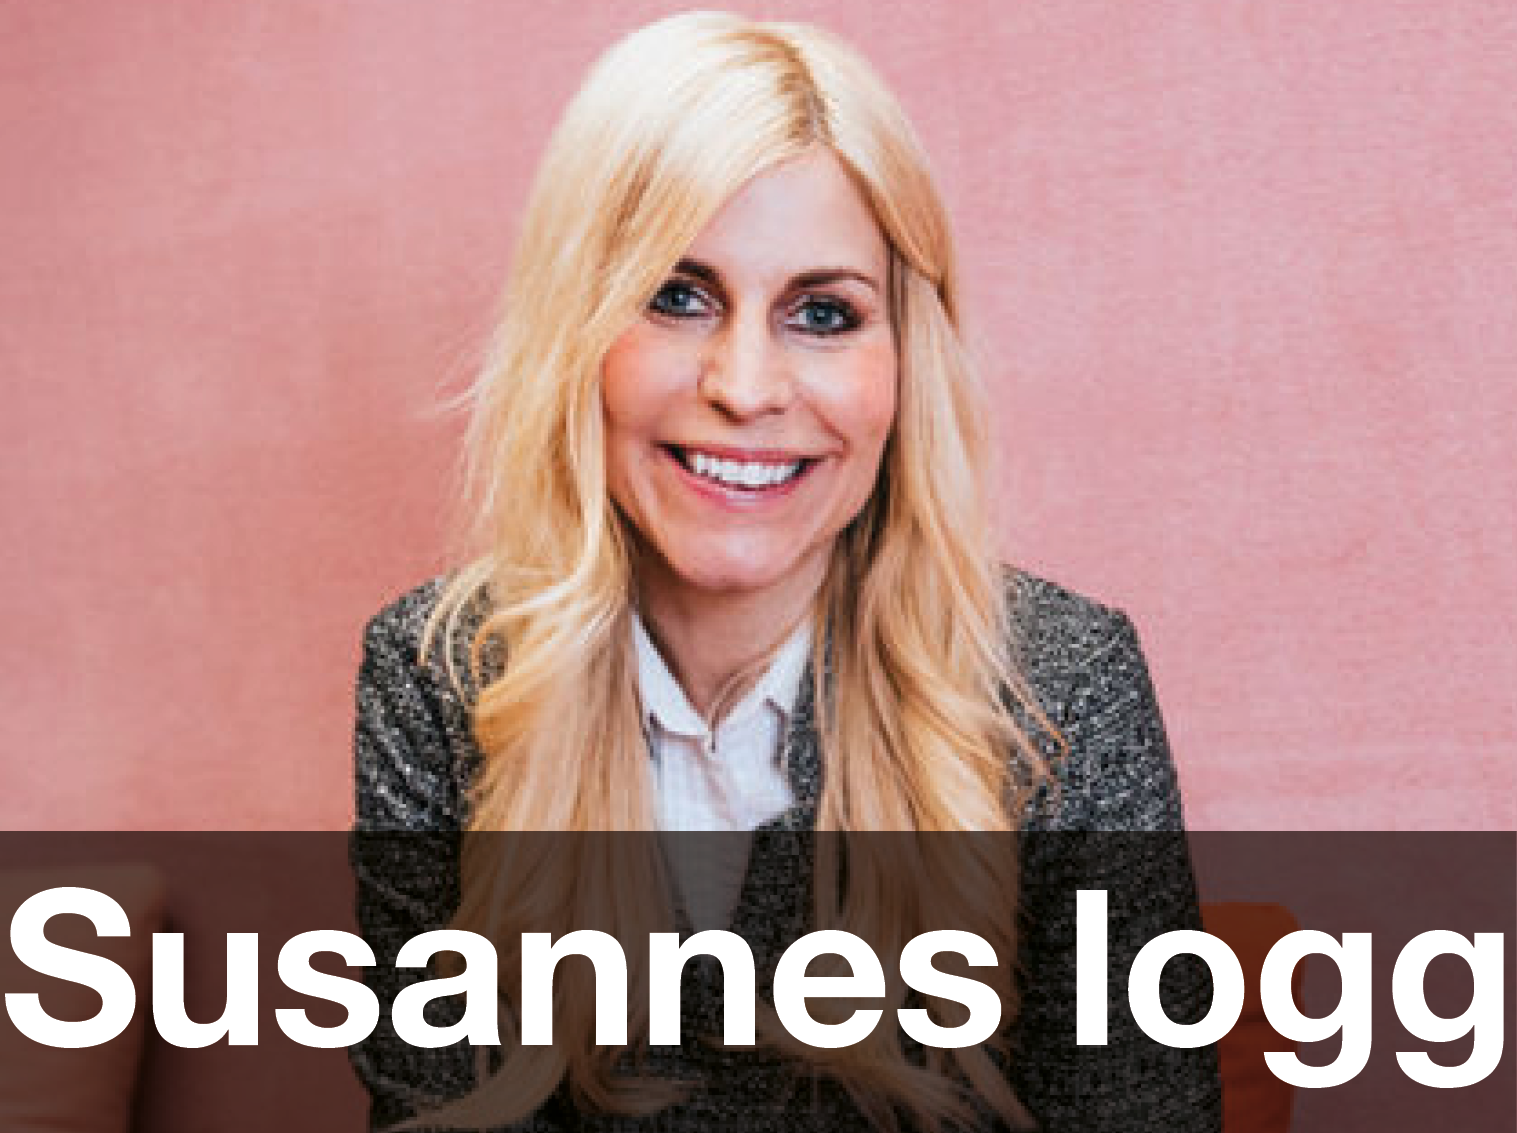 Susannes logg